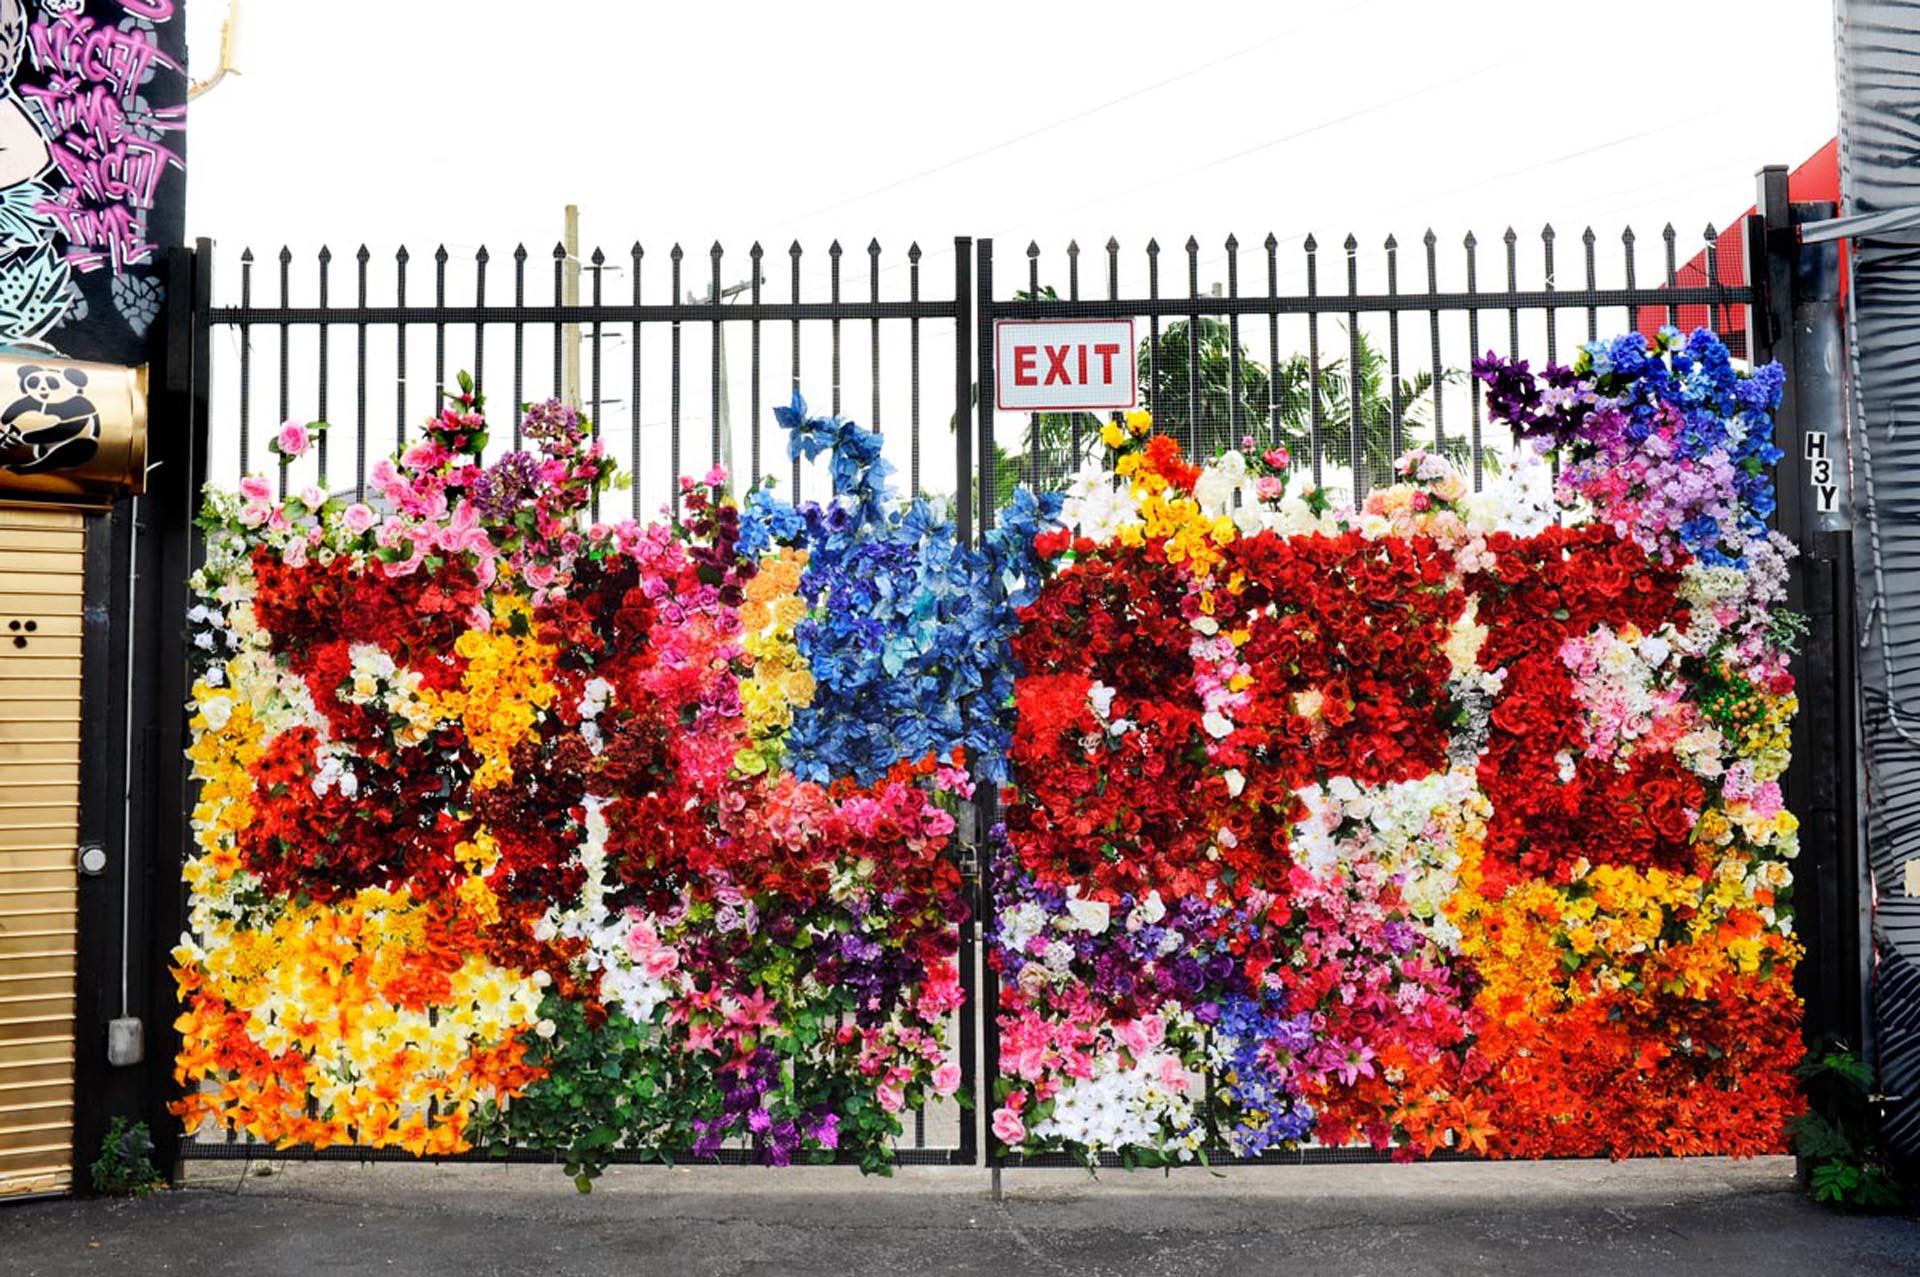 Mural creado por la artista francesa Fafi, cubierto en su totalidad con flores artificiales en el interior de una de las puertas de Wynwood.